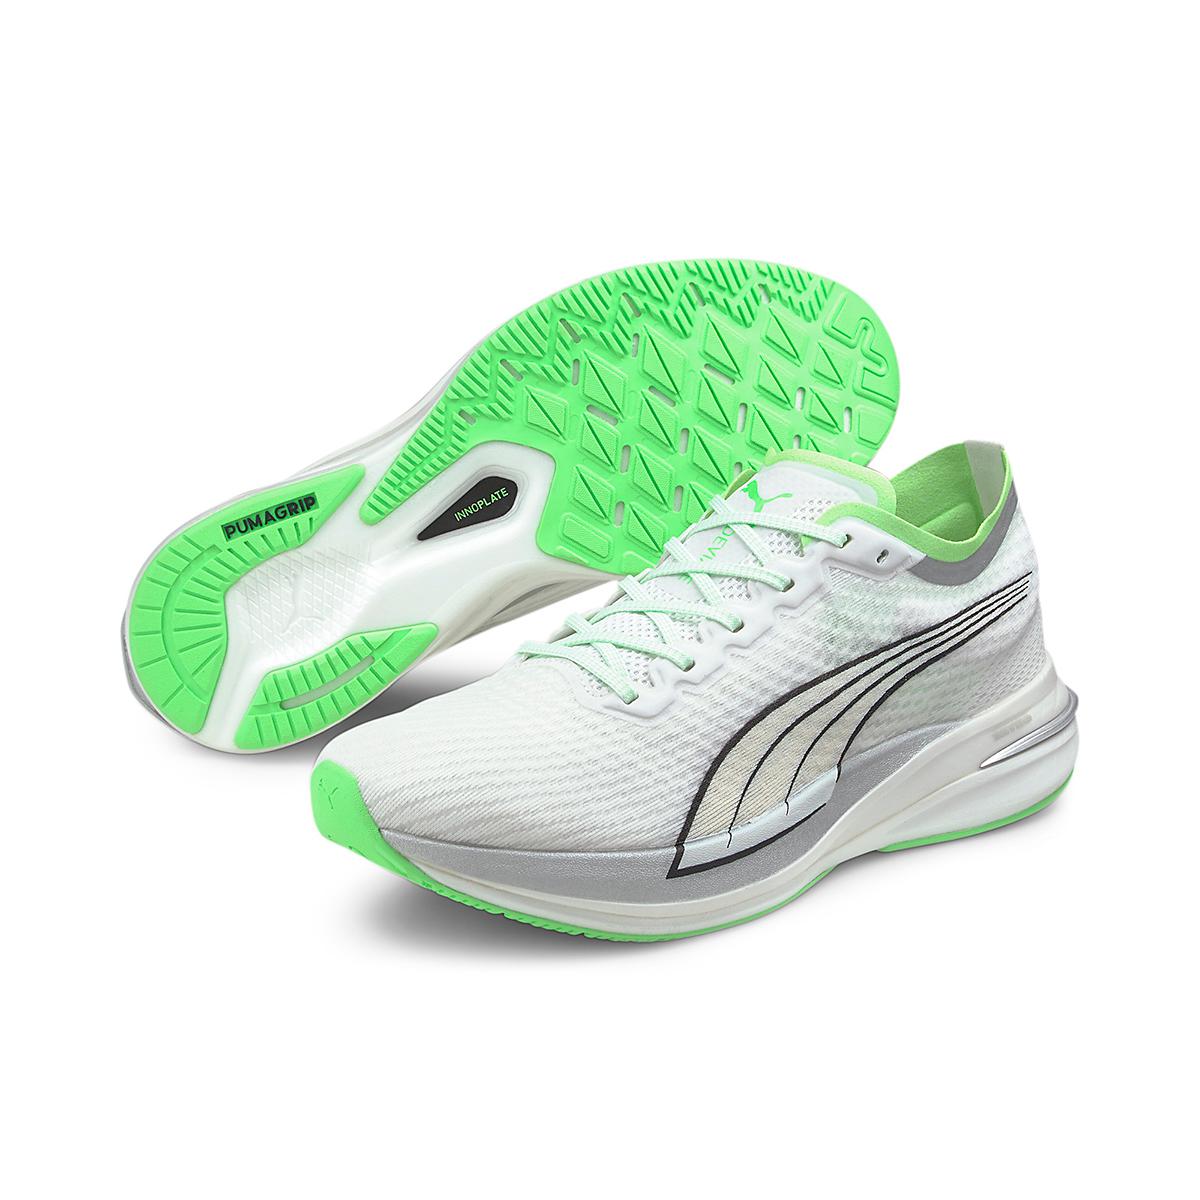 Men's Puma Deviate Nitro COOLadapt Running Shoe